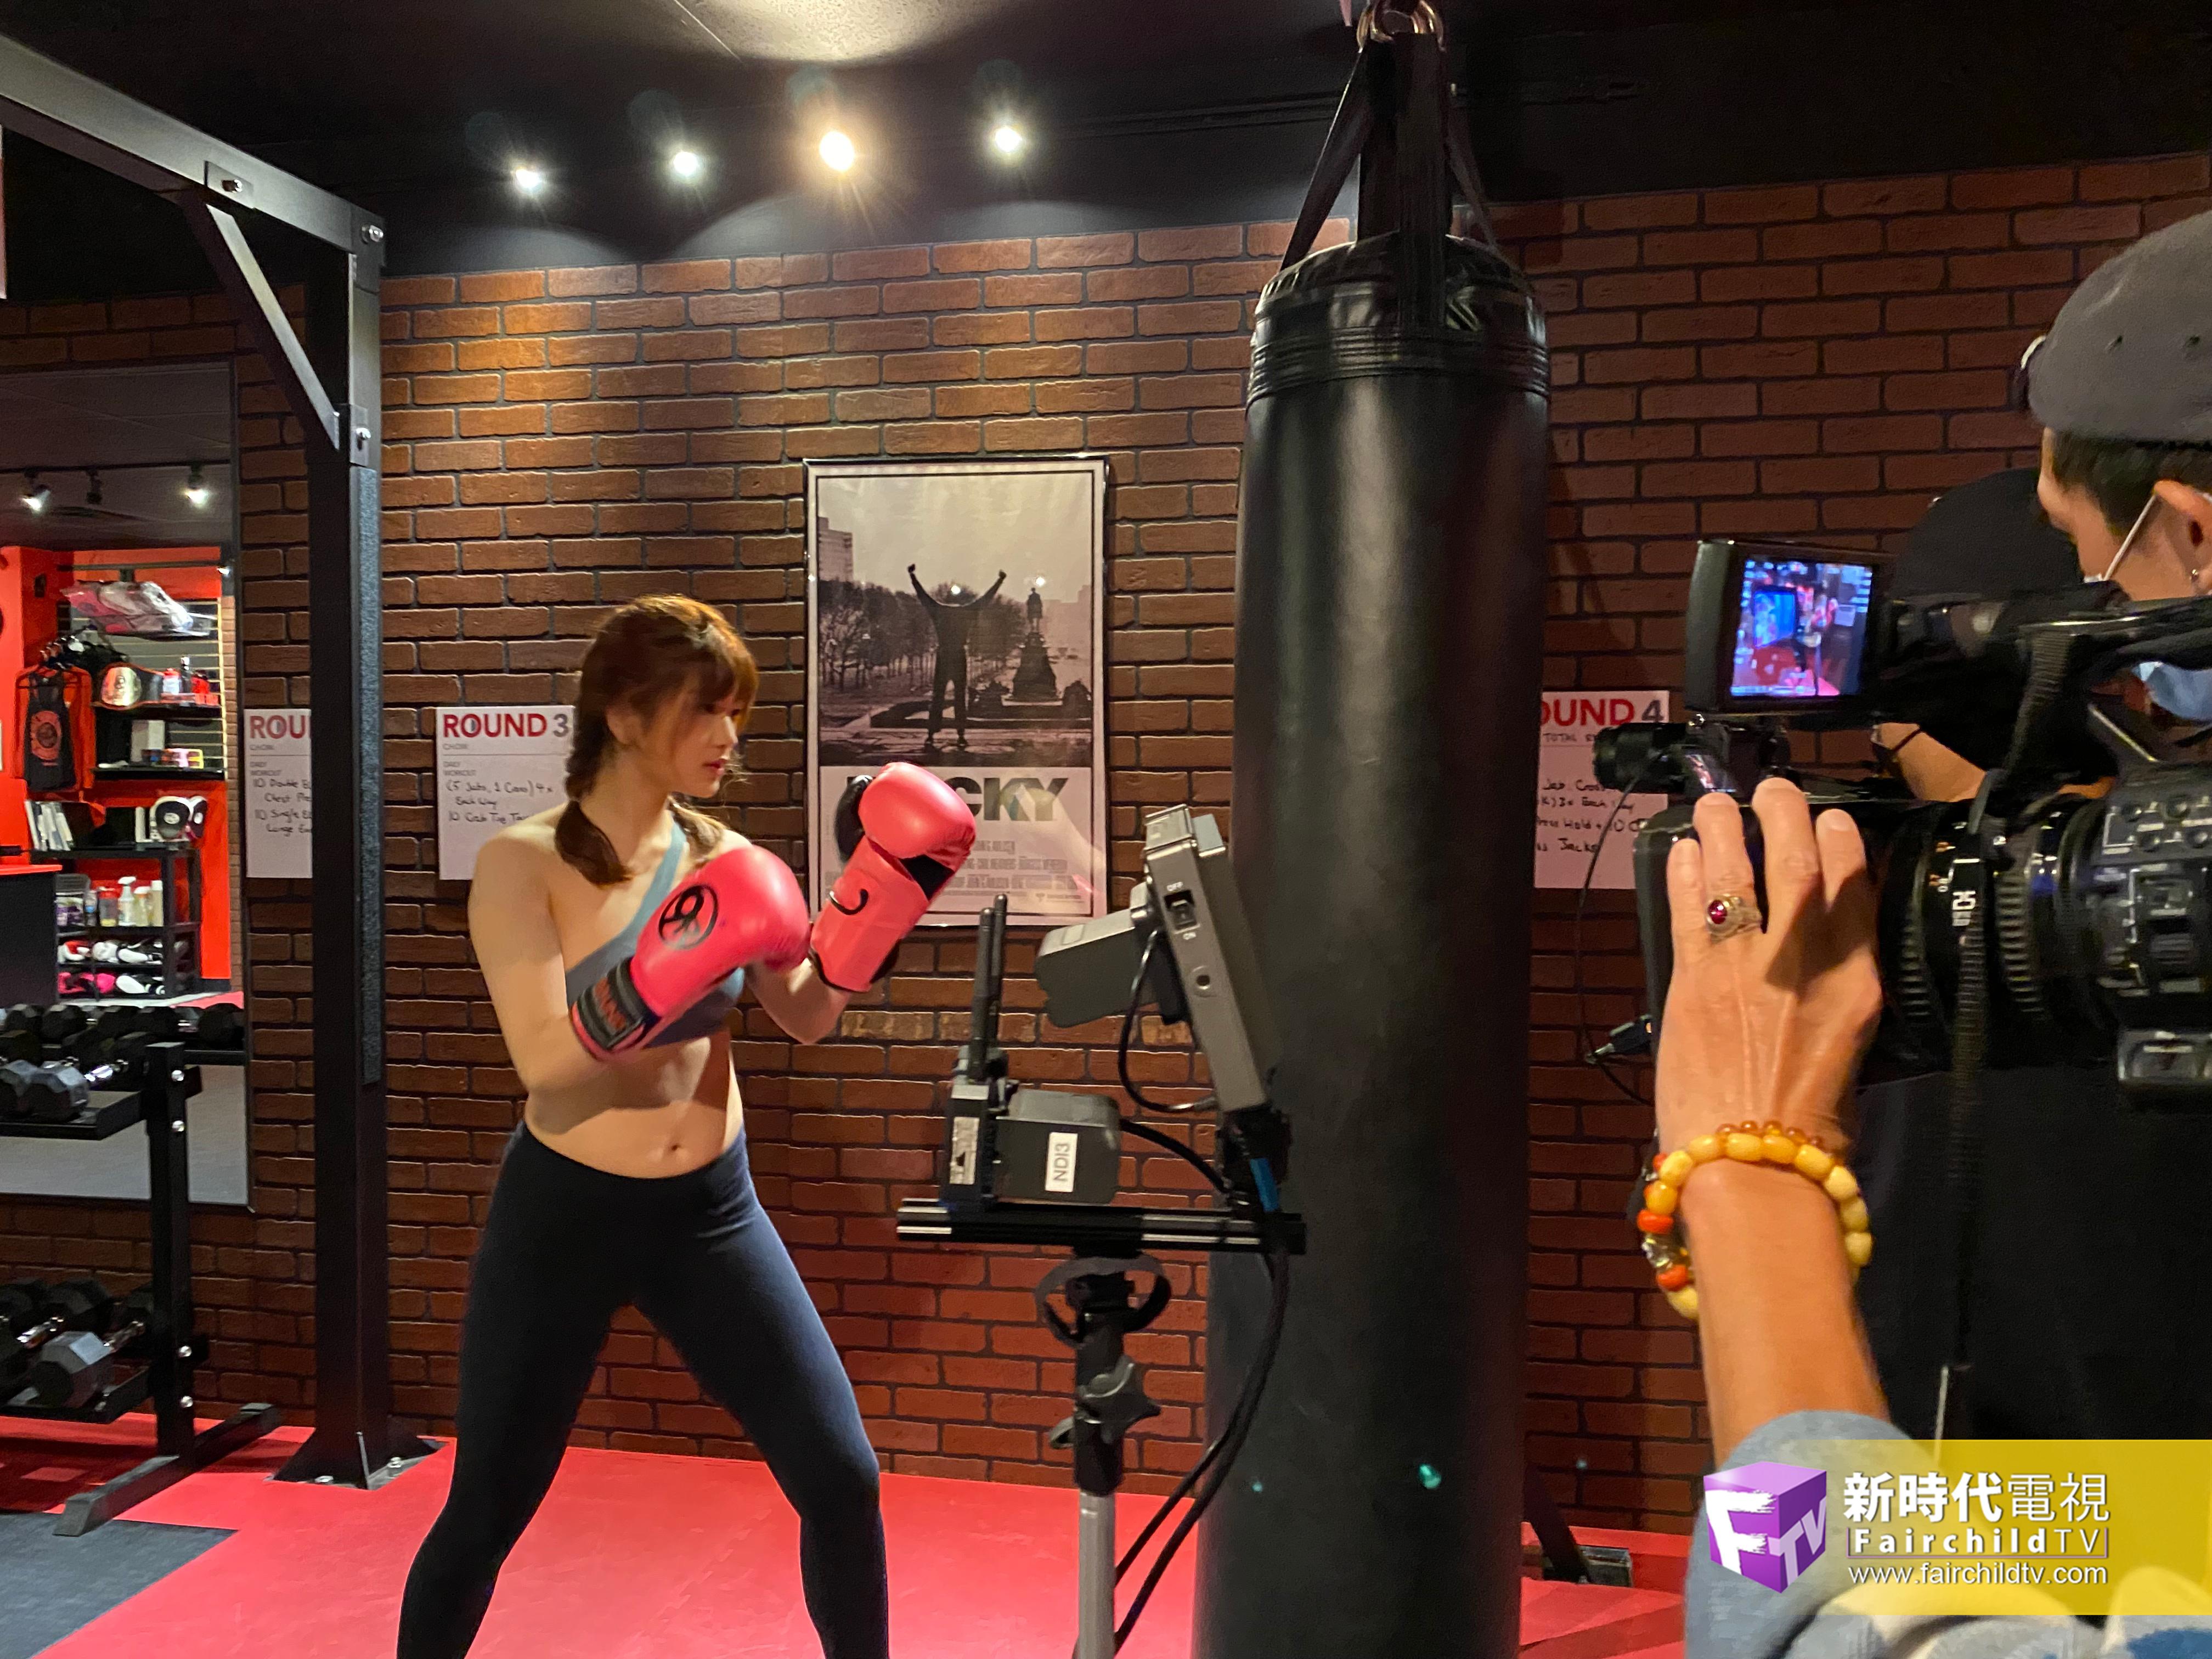 拳擊令她的氣勢不同,但態度同樣認真   #7 時楊文婷 Cissy Shi